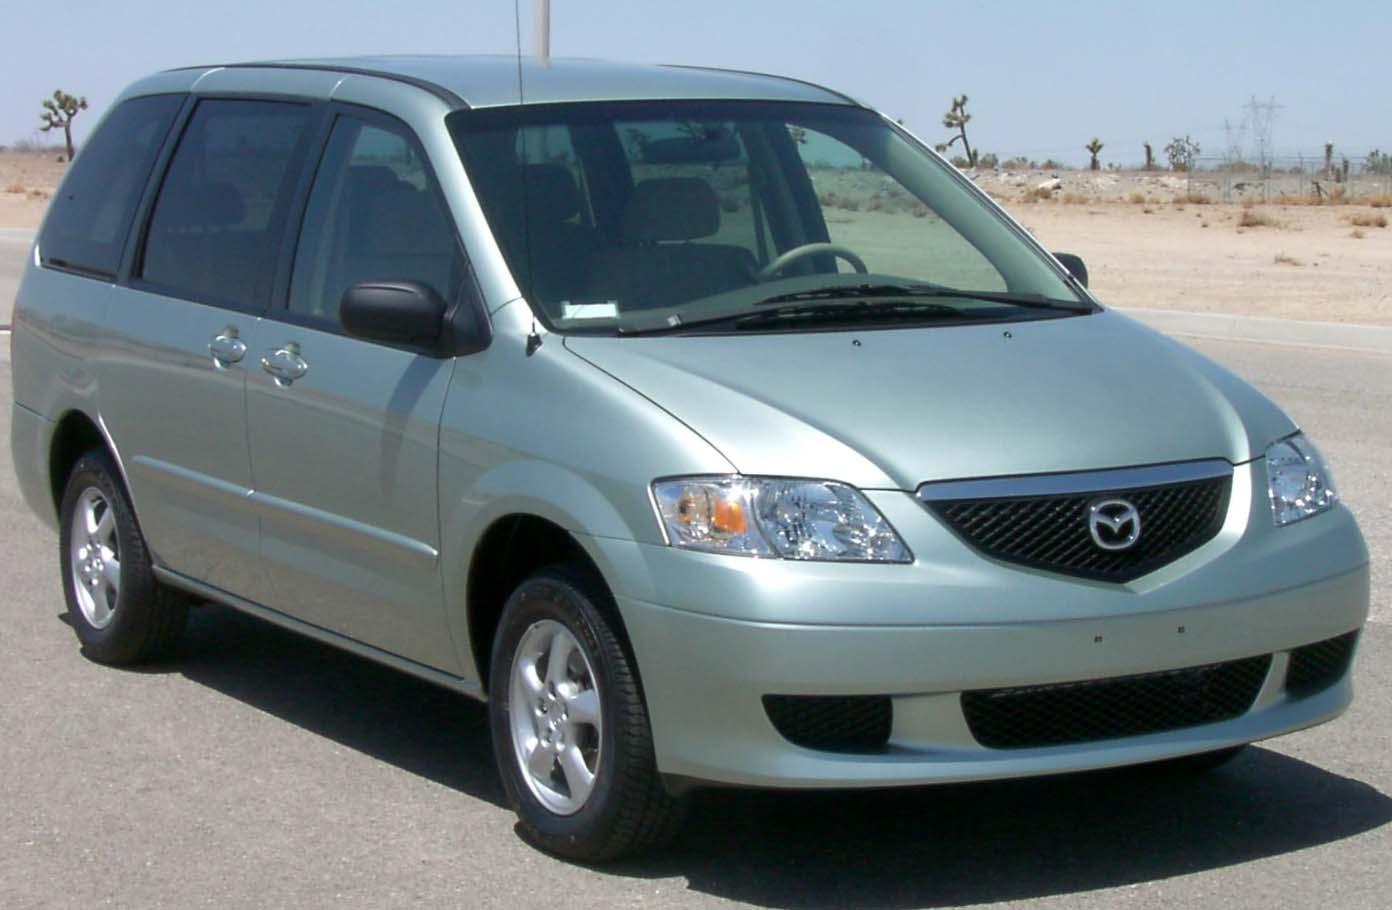 File:2002 Mazda MPV LX -- NHTSA.jpg - Wikimedia Commons